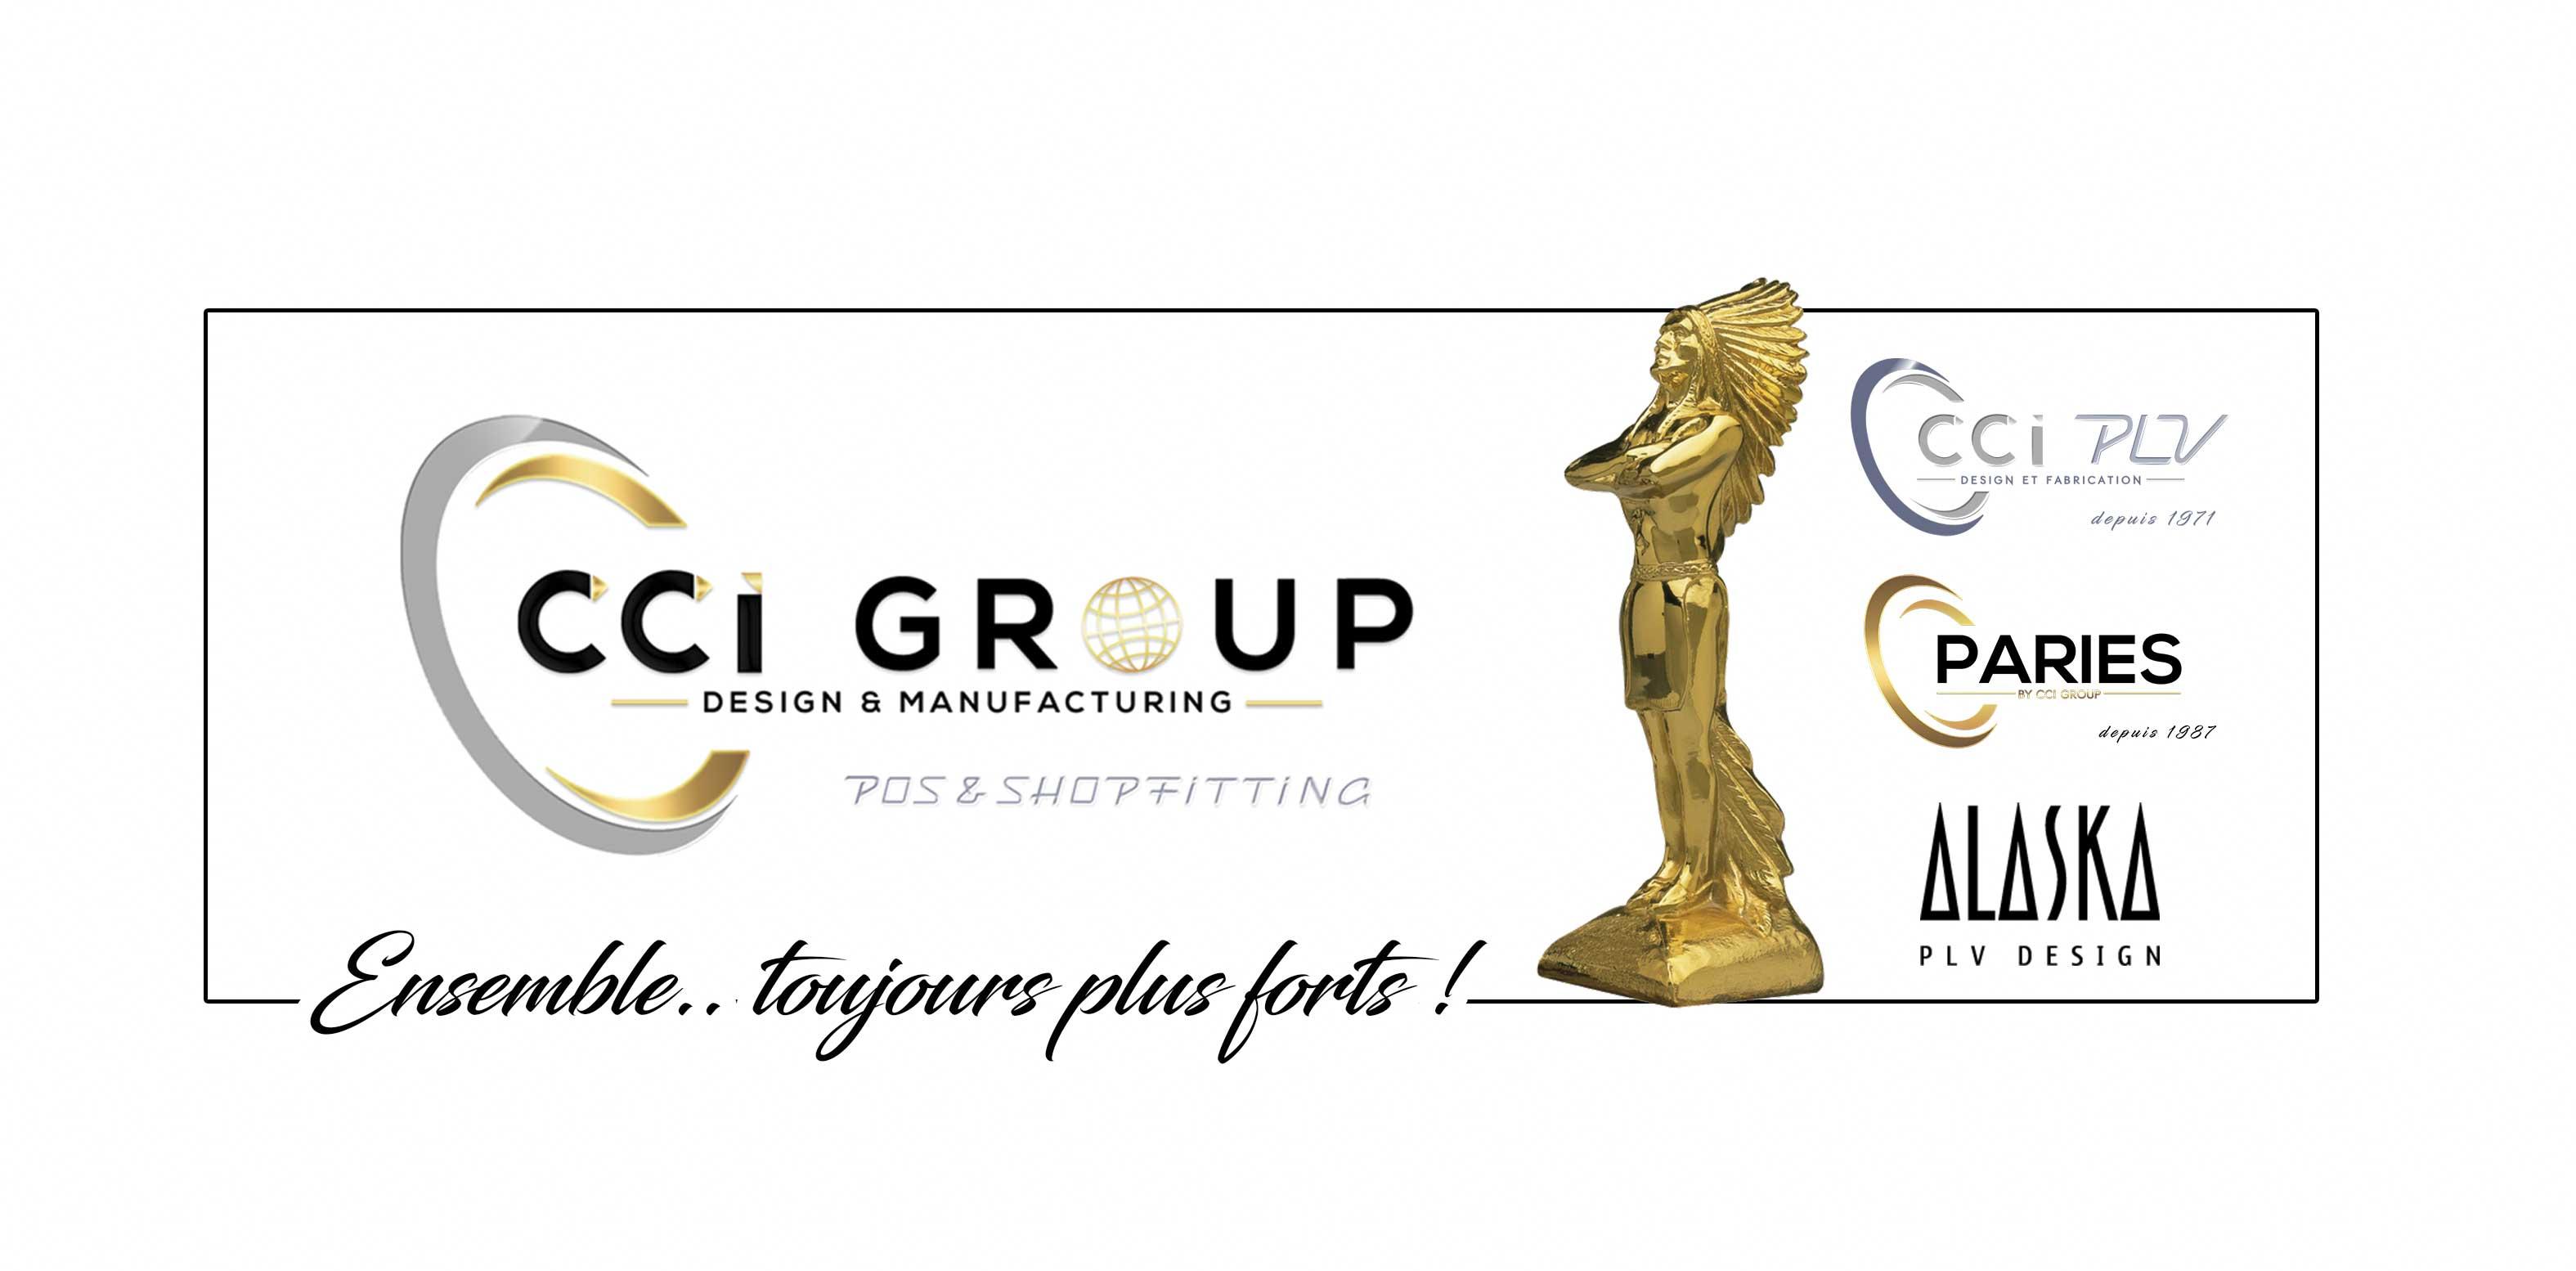 cci-group-paries-cci-plv-createur-plv-popai-award-presentoir-bandeau